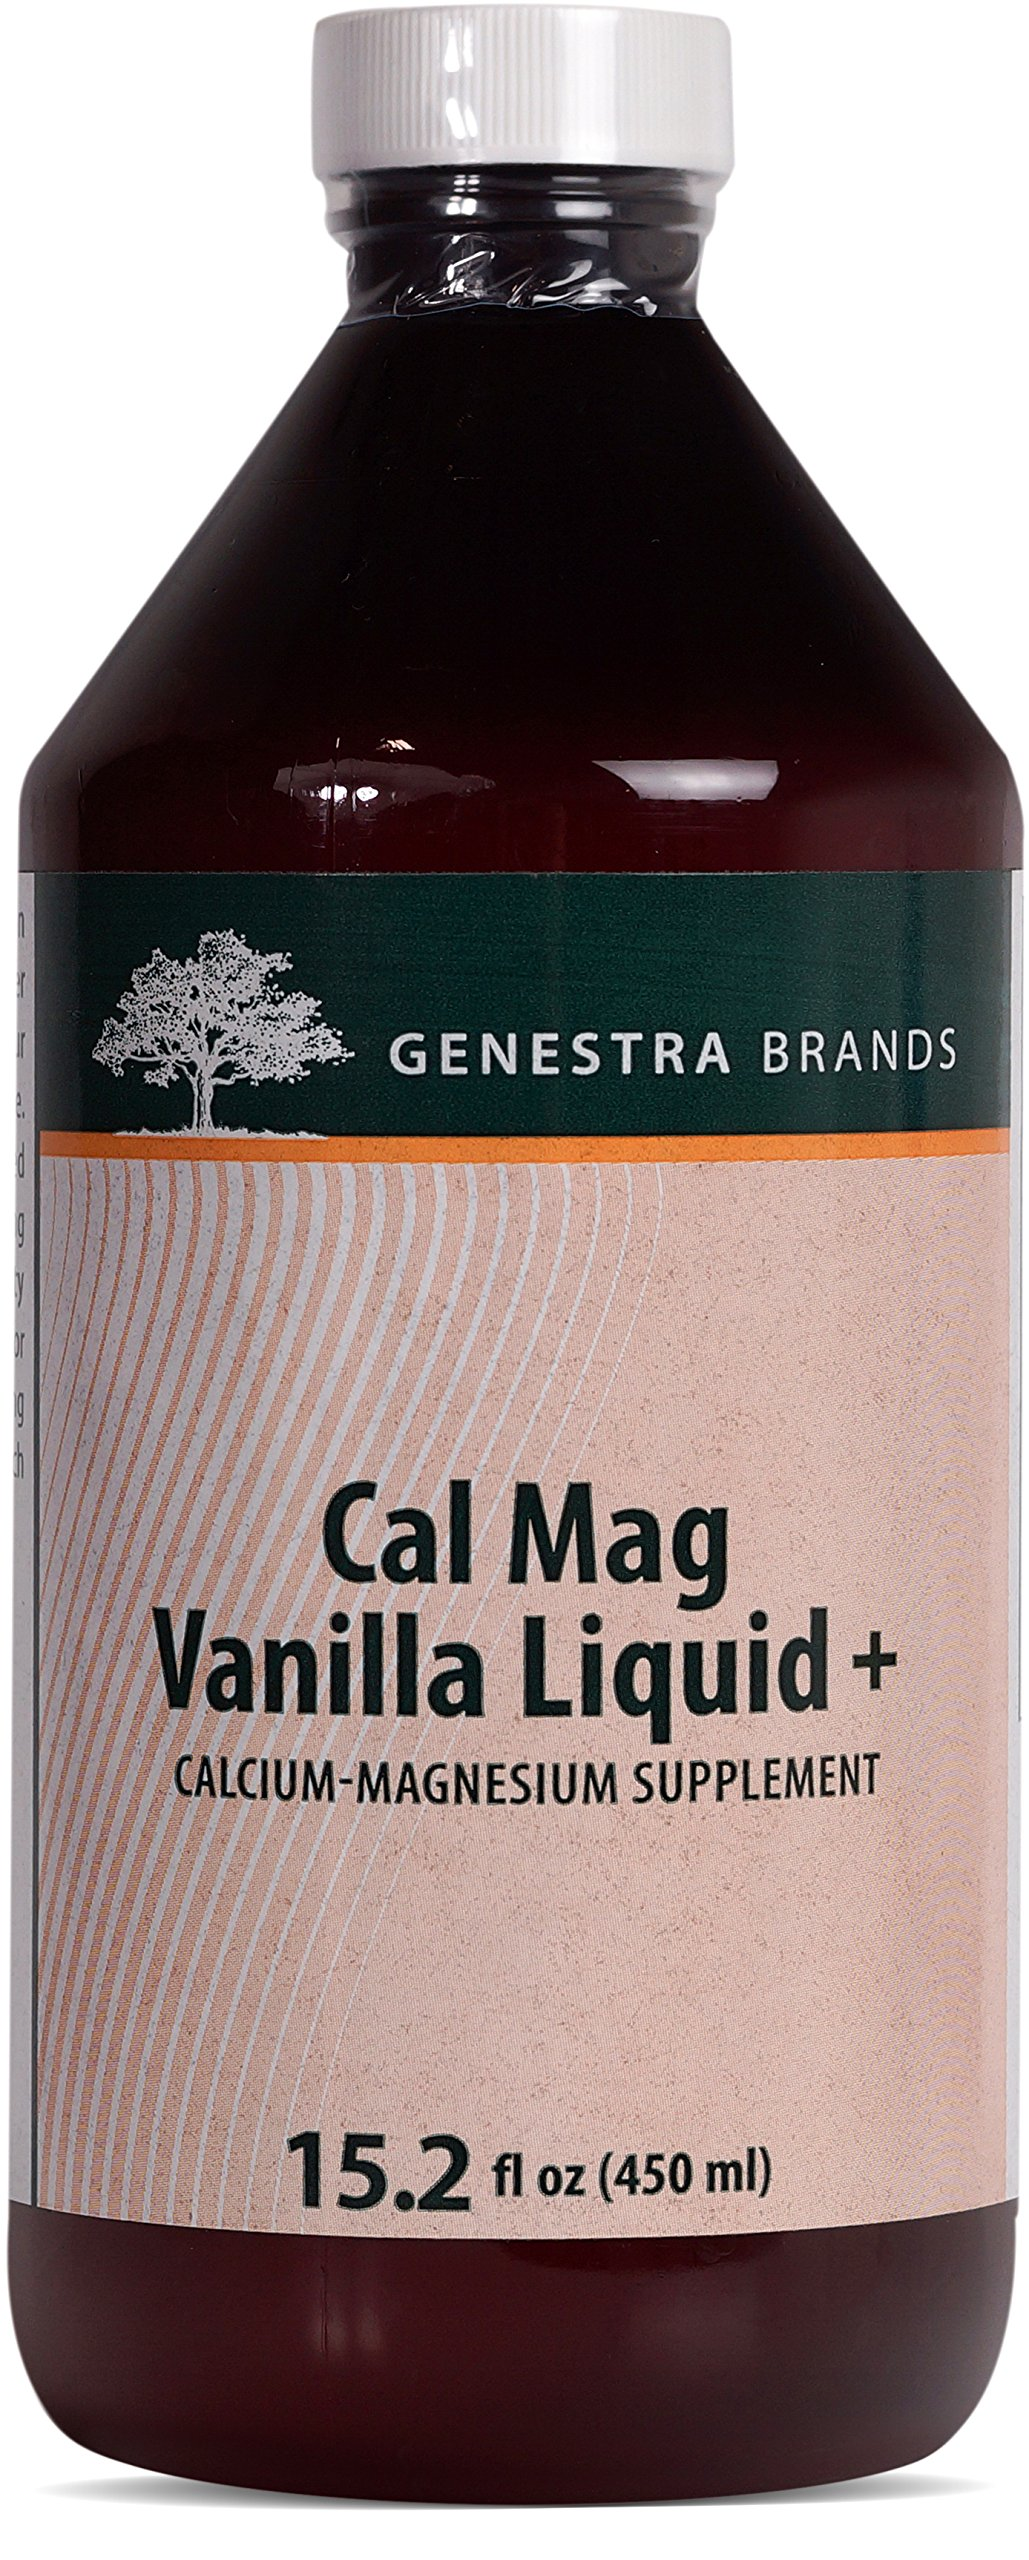 Genestra Brands - Cal Mag Vanilla Liquid + - Calcium-Magnesium Supplement - 15.2 fl